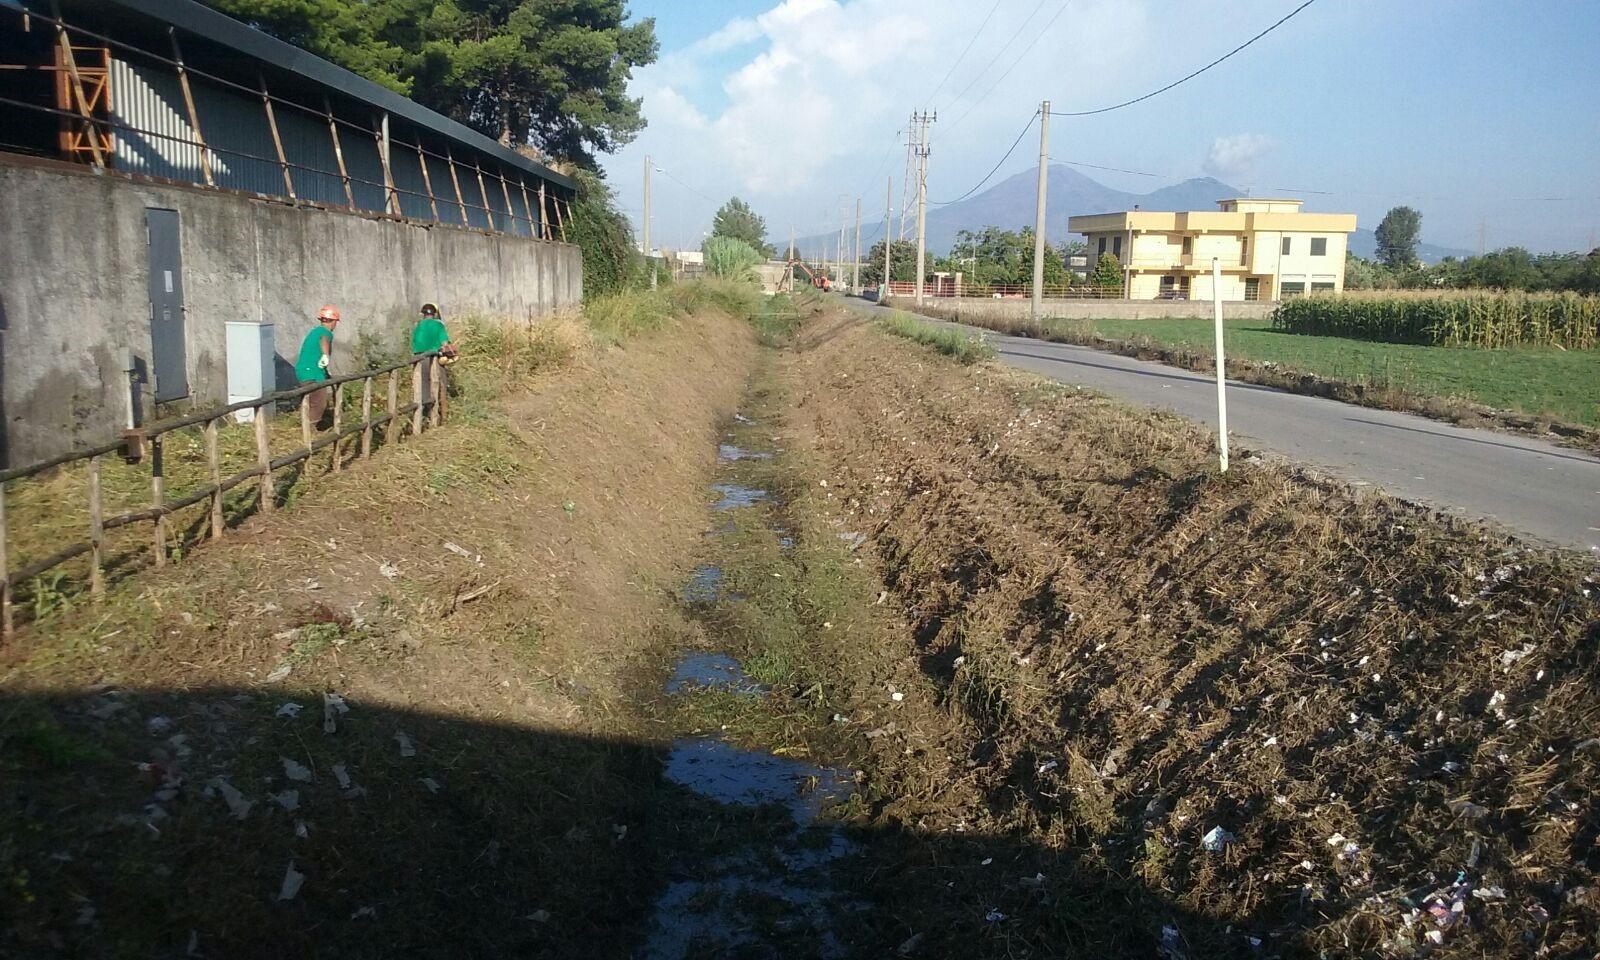 Interventi di manutenzione canale fosso imperatore - Interventi di manutenzione ...